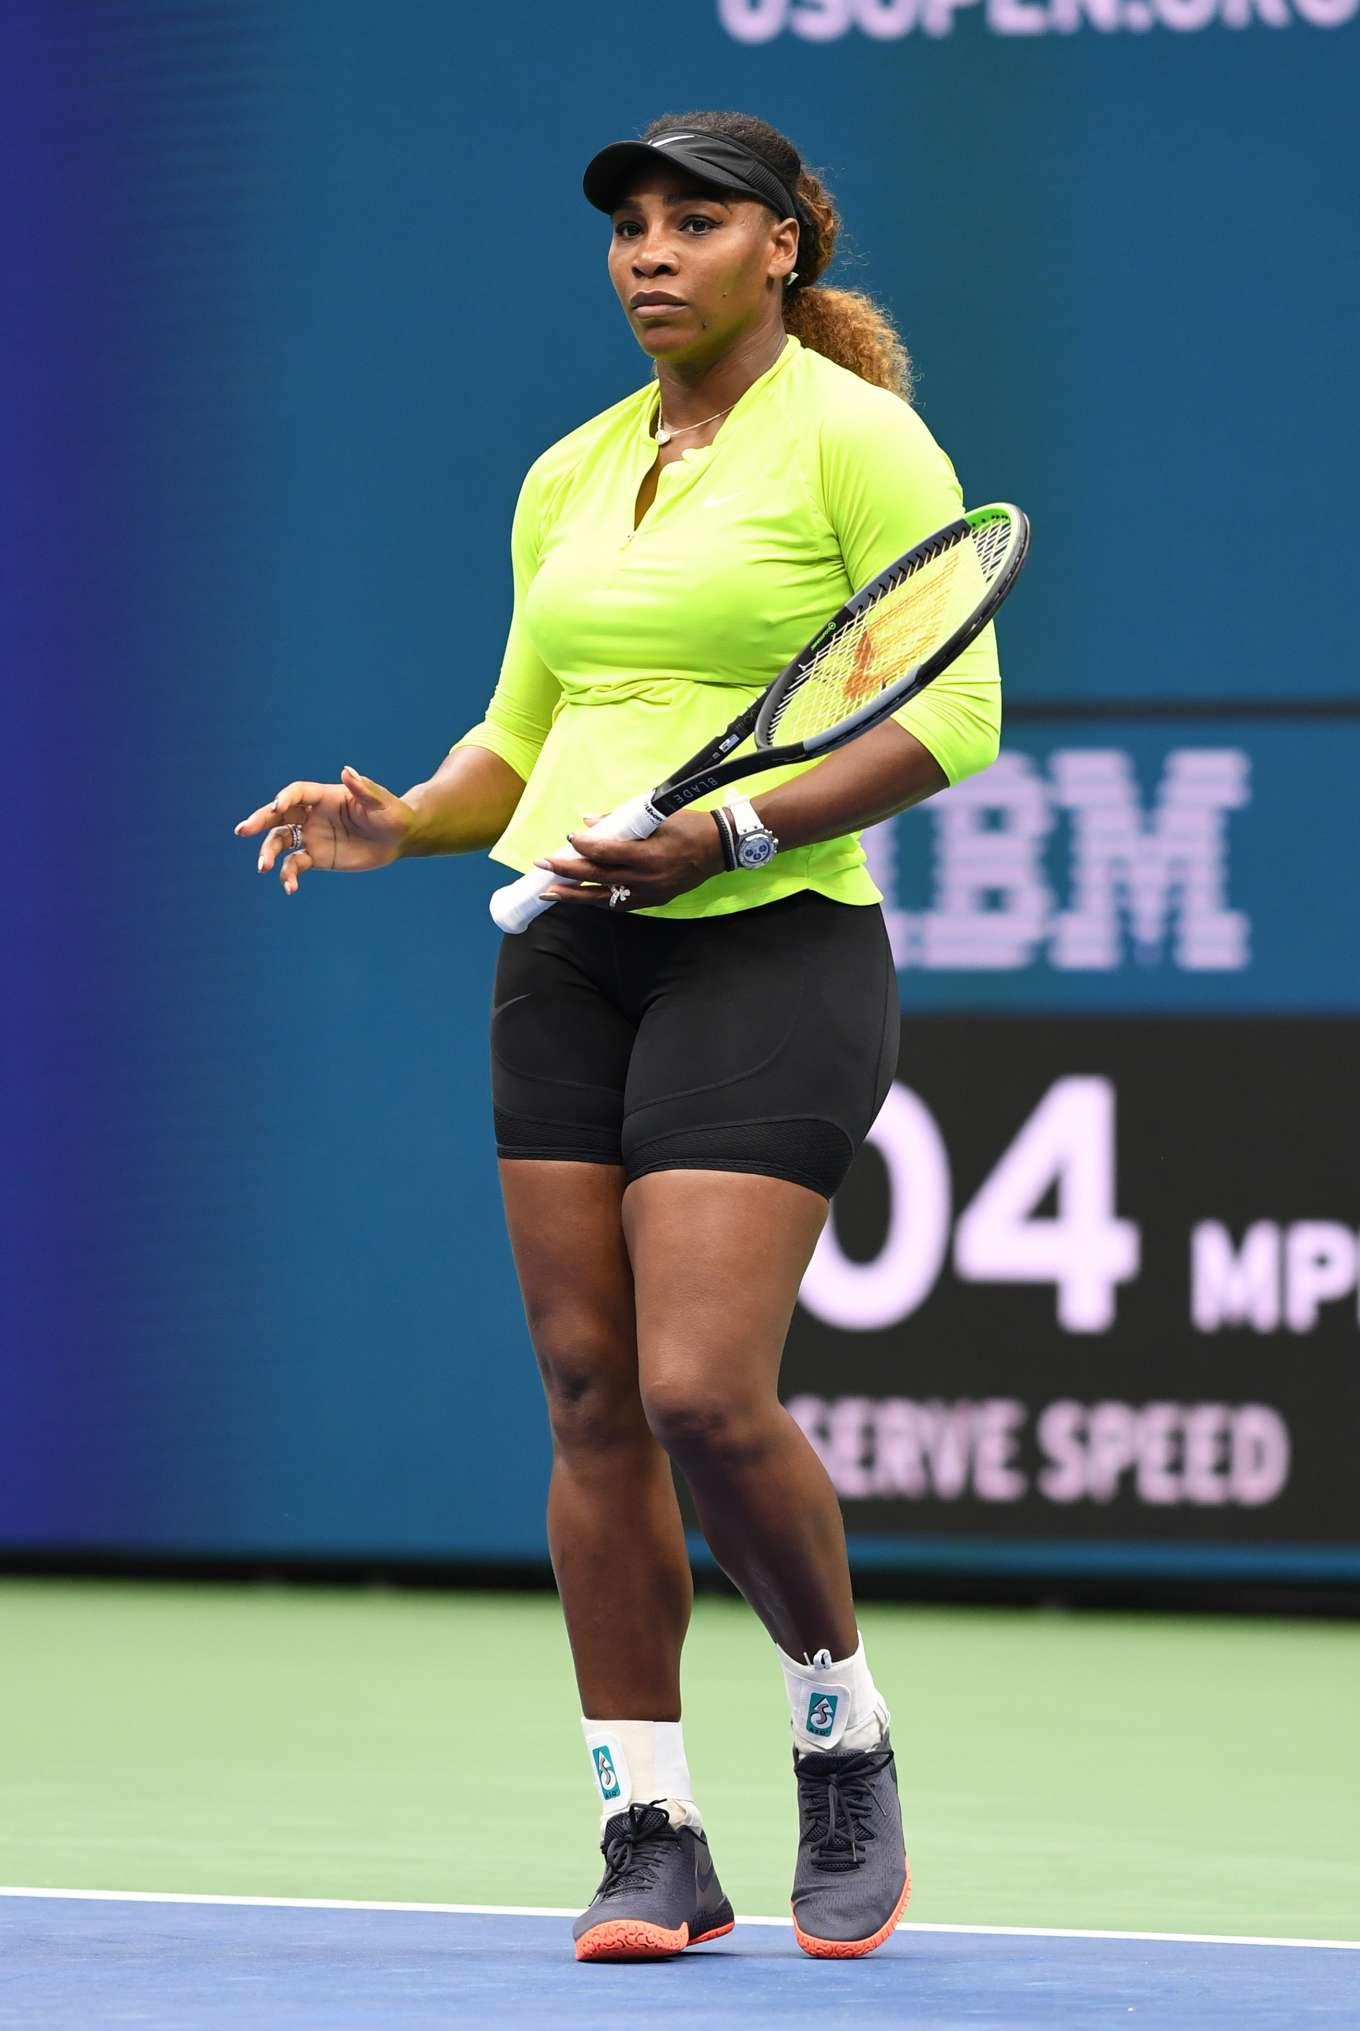 Serena Williams - 2019 US Open at the Arthur Ashe Stadium ...